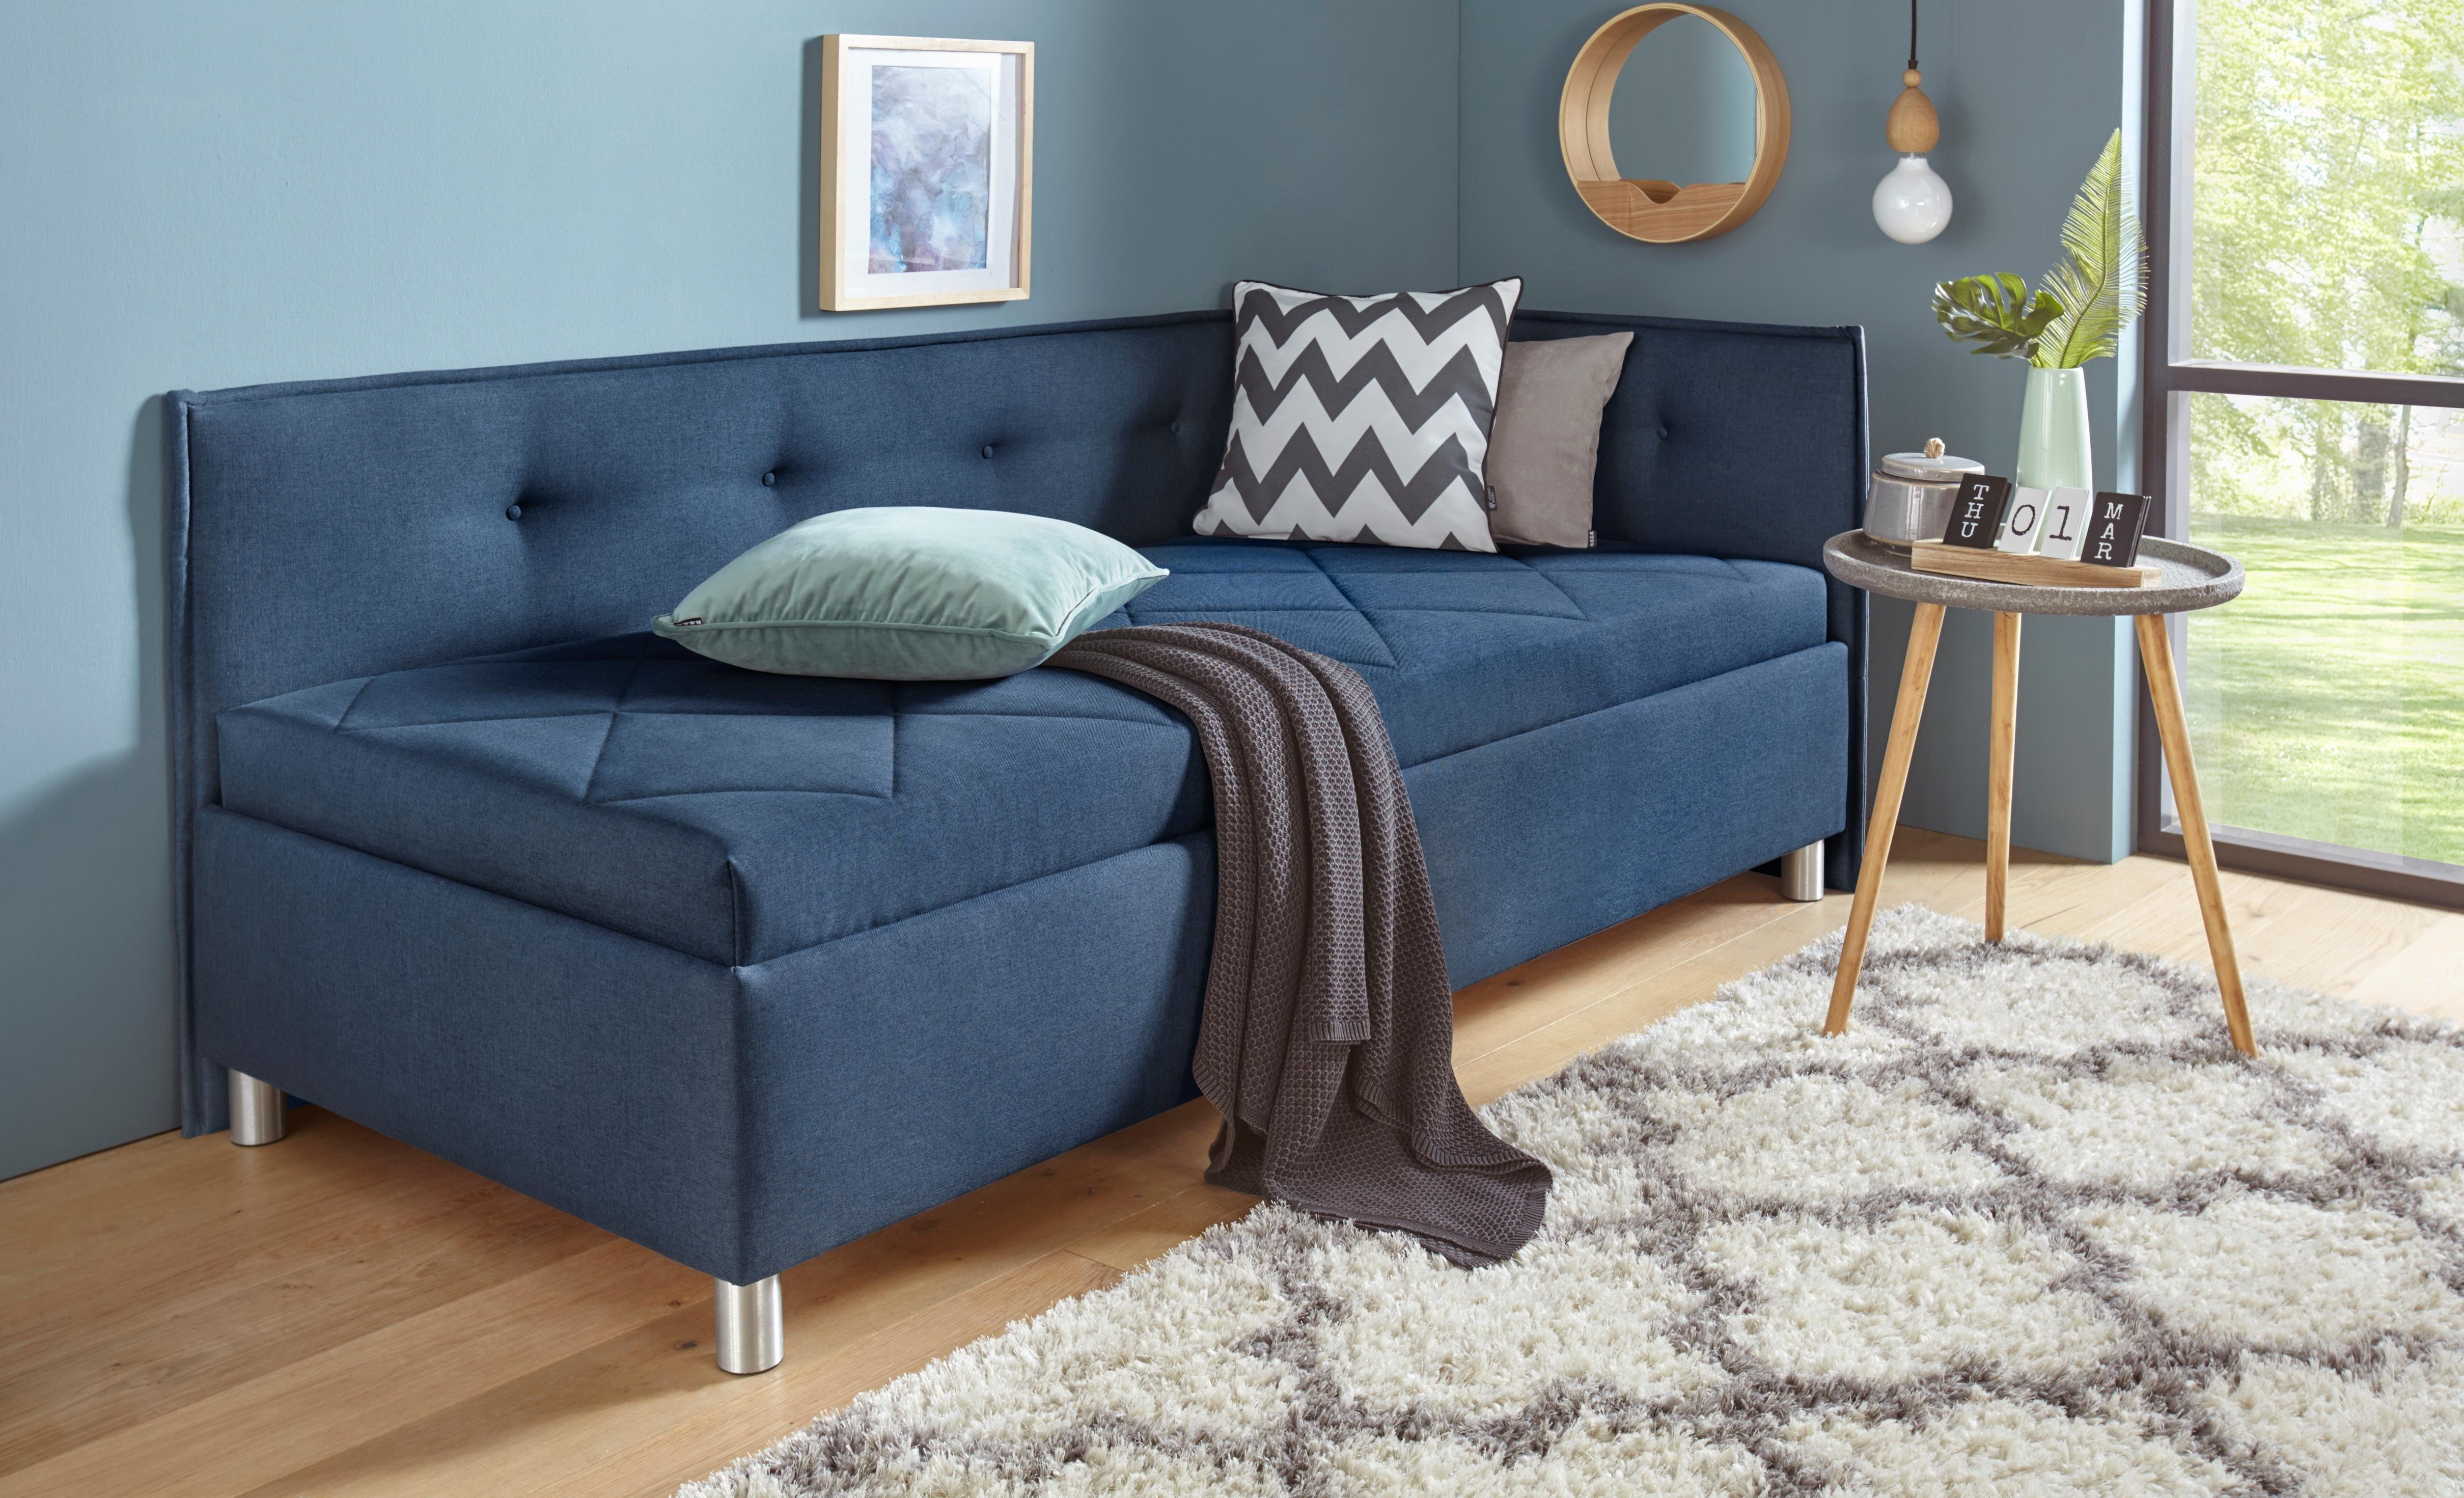 schlafzimmer schlafsofas online kaufen m bel suchmaschine. Black Bedroom Furniture Sets. Home Design Ideas